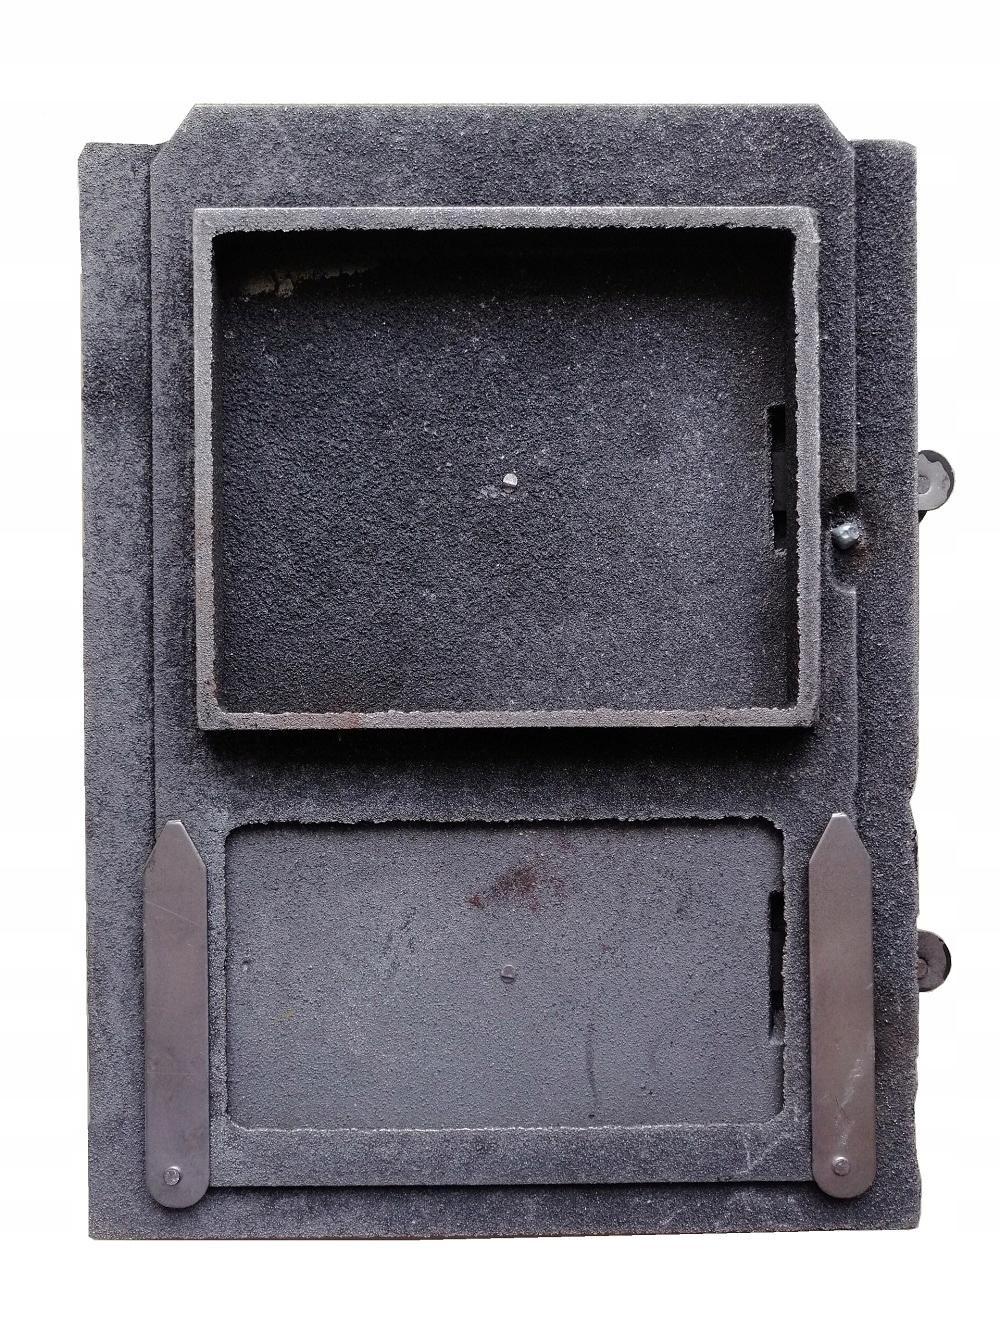 liatinové protipožiarne dvere 34 x 26 kuchyňa Hmotnosť produktu s jednotkovým balením 6 kg